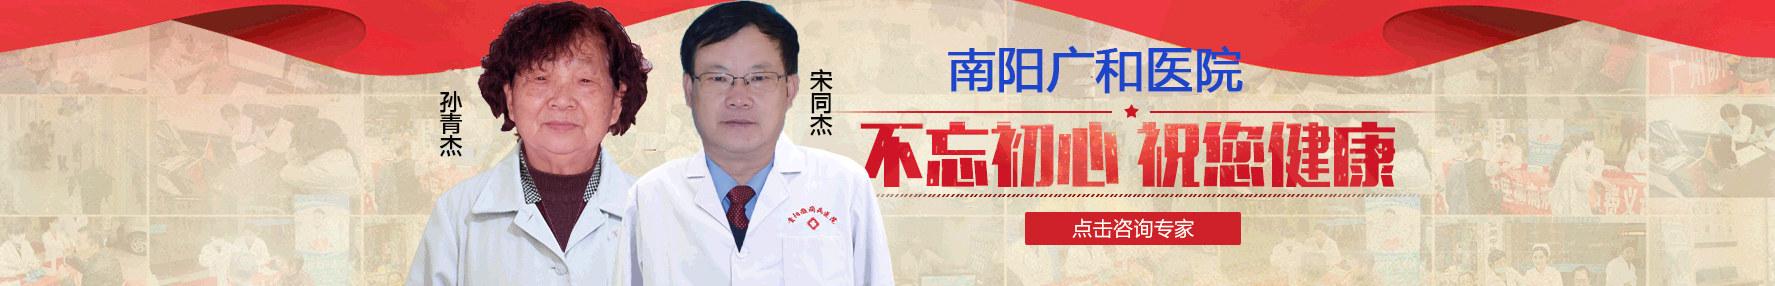 南阳癫痫病医院